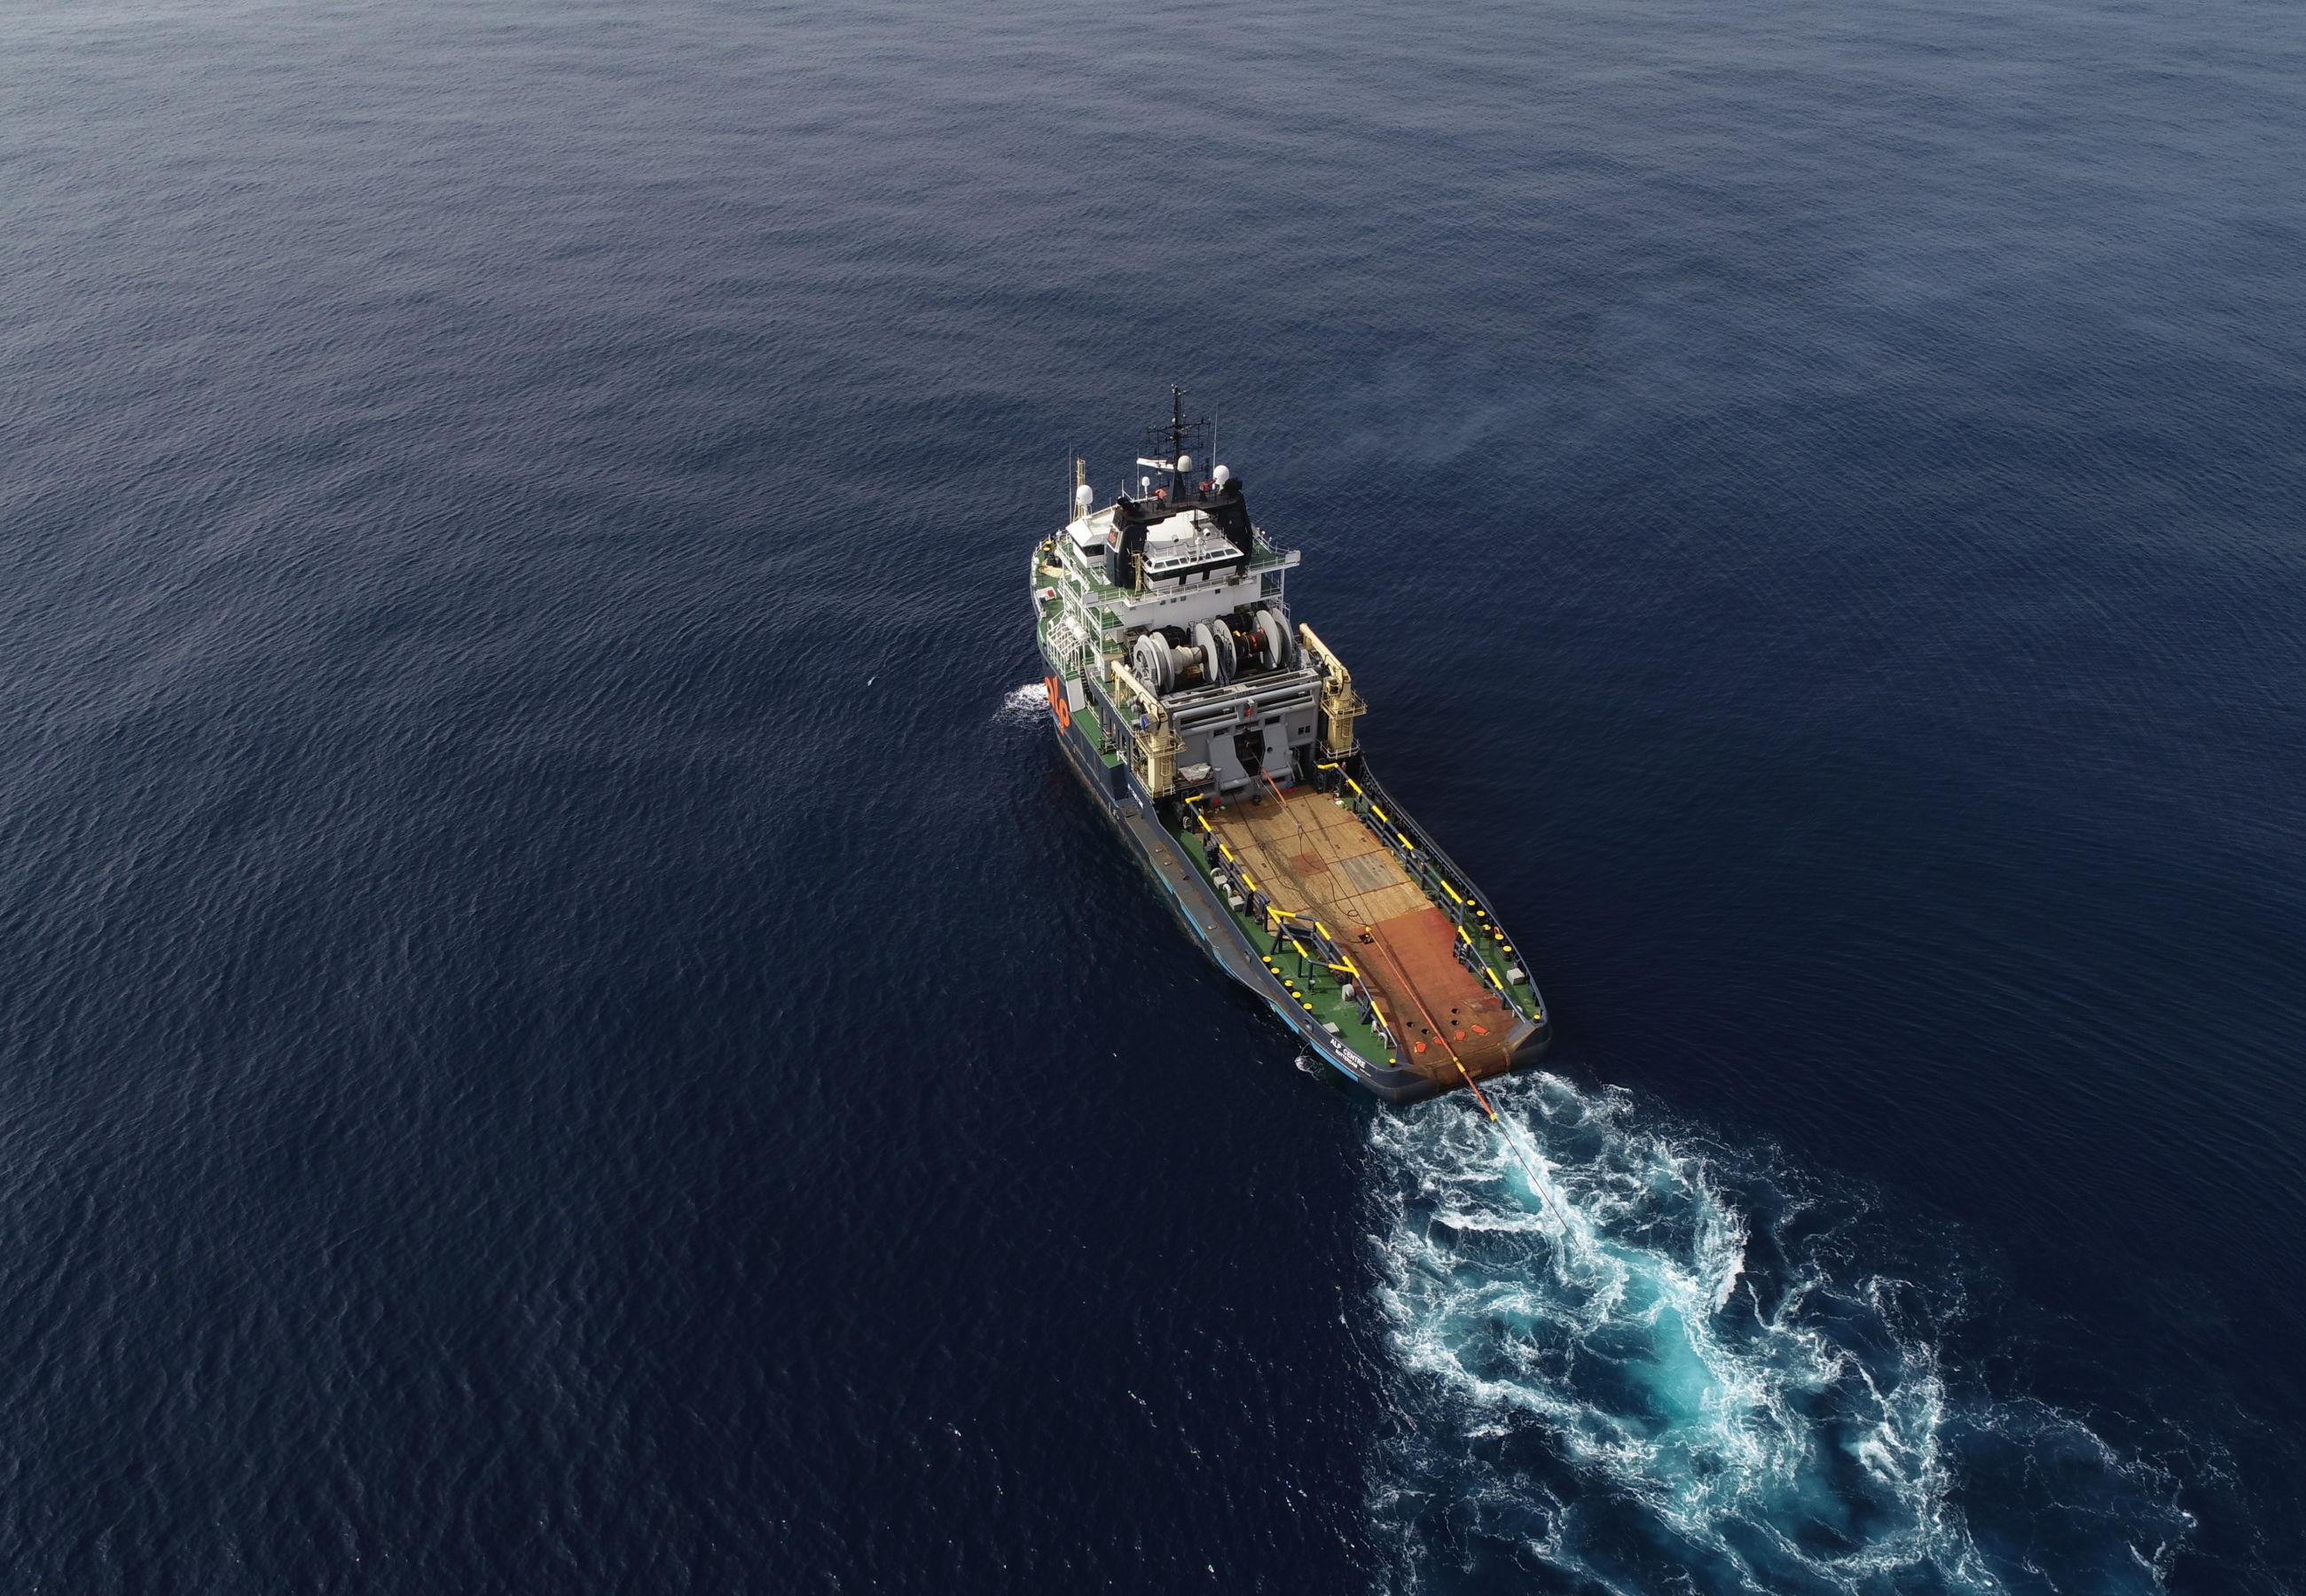 Alp Centre Keeper Jubilee Fpso Subsea 7 Ghana